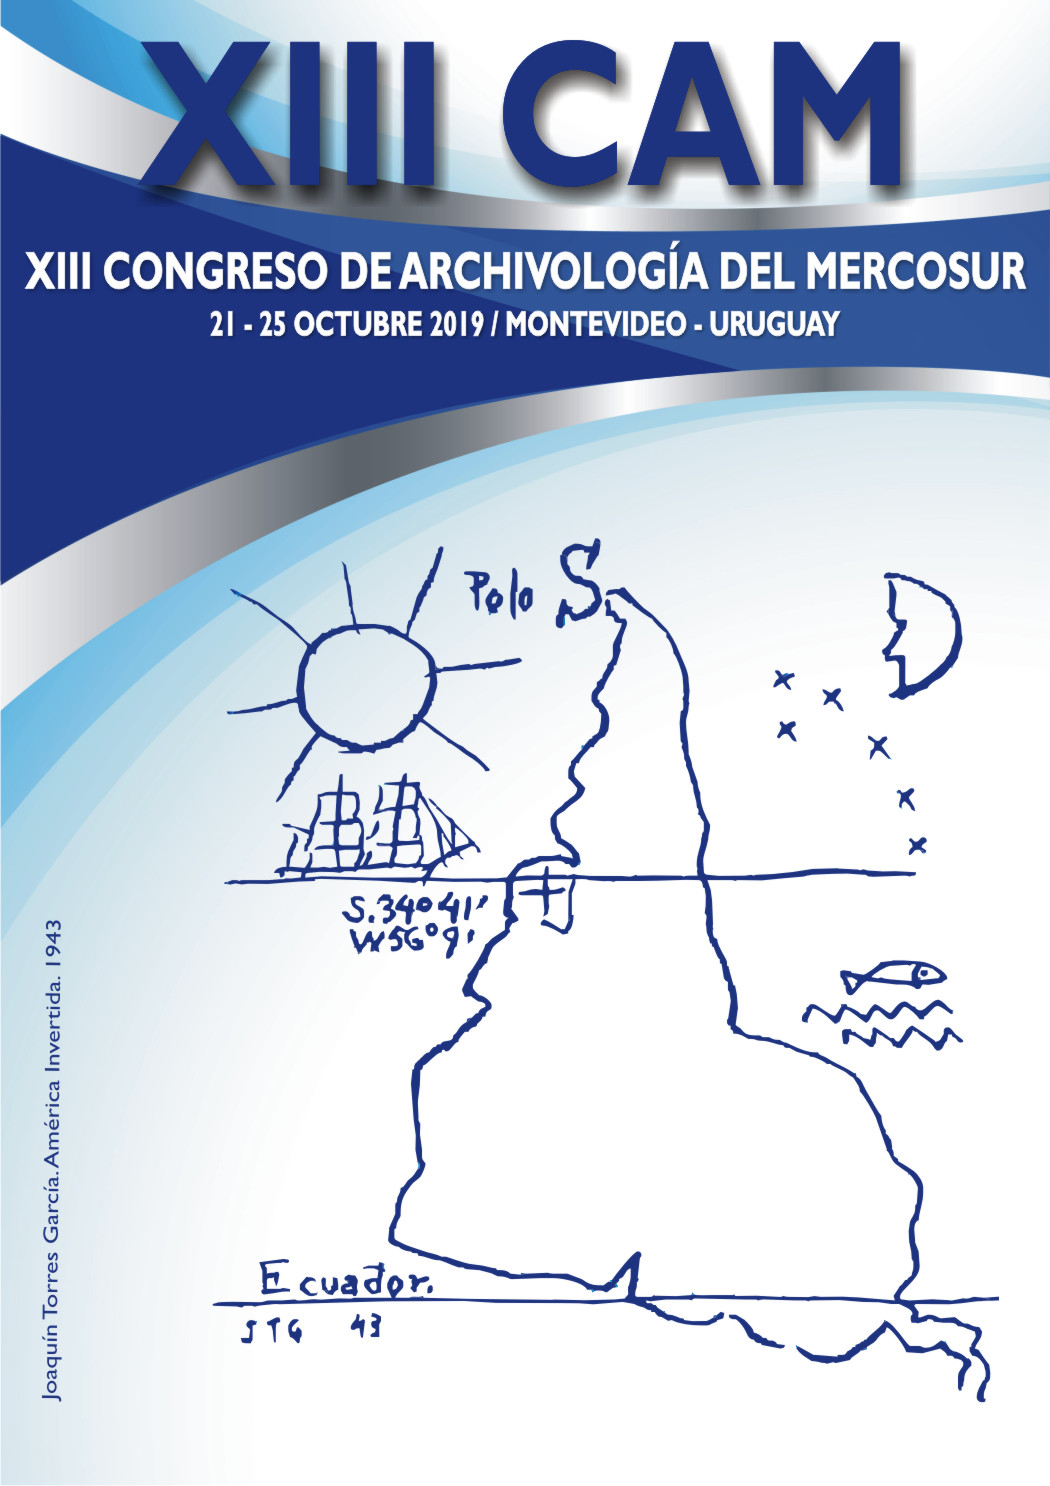 XIII Congreso de Archivologia del Mercosur